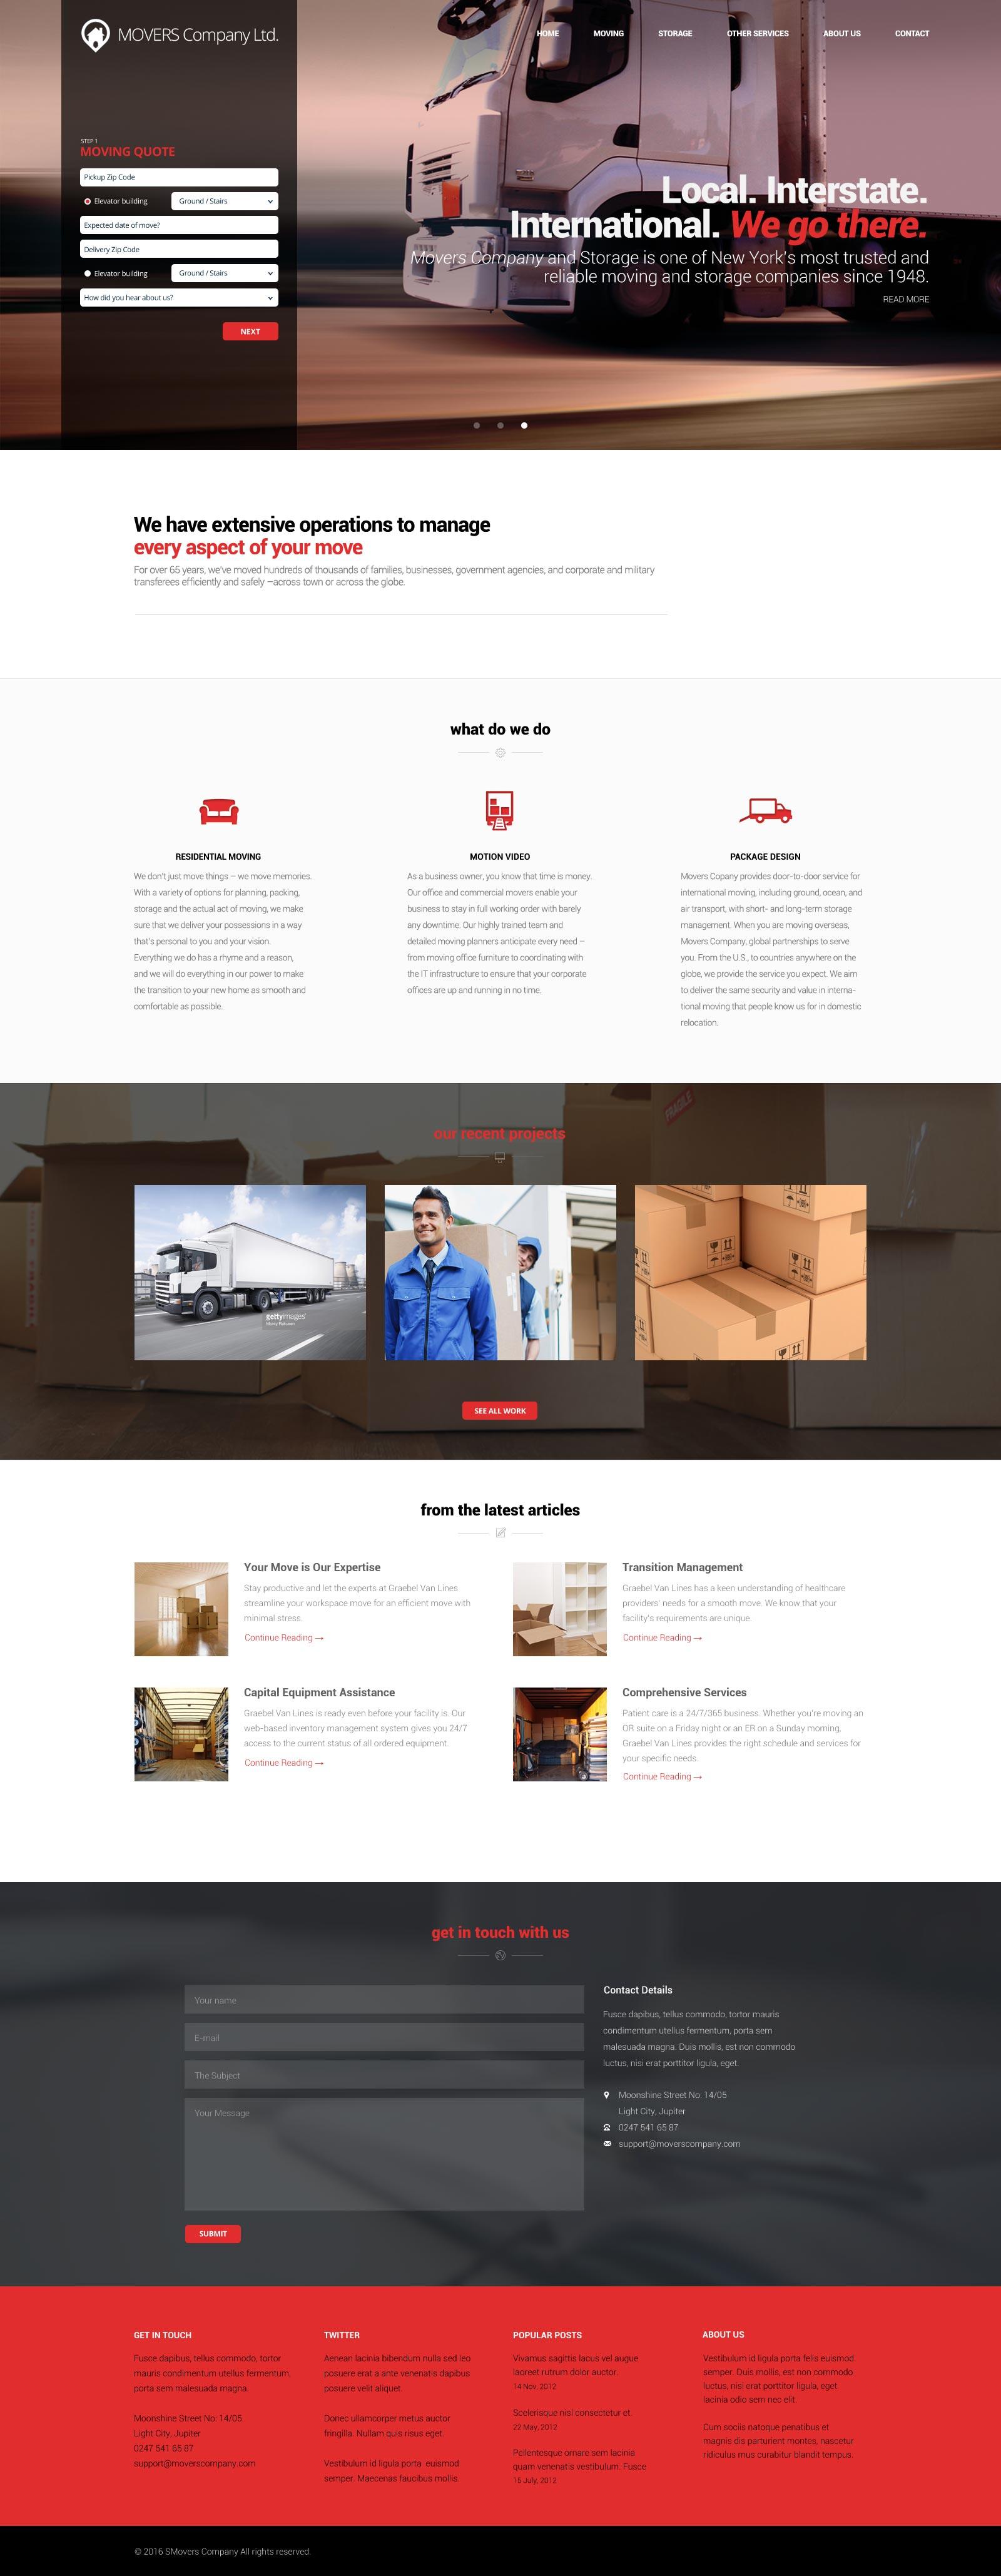 Design 5 Red